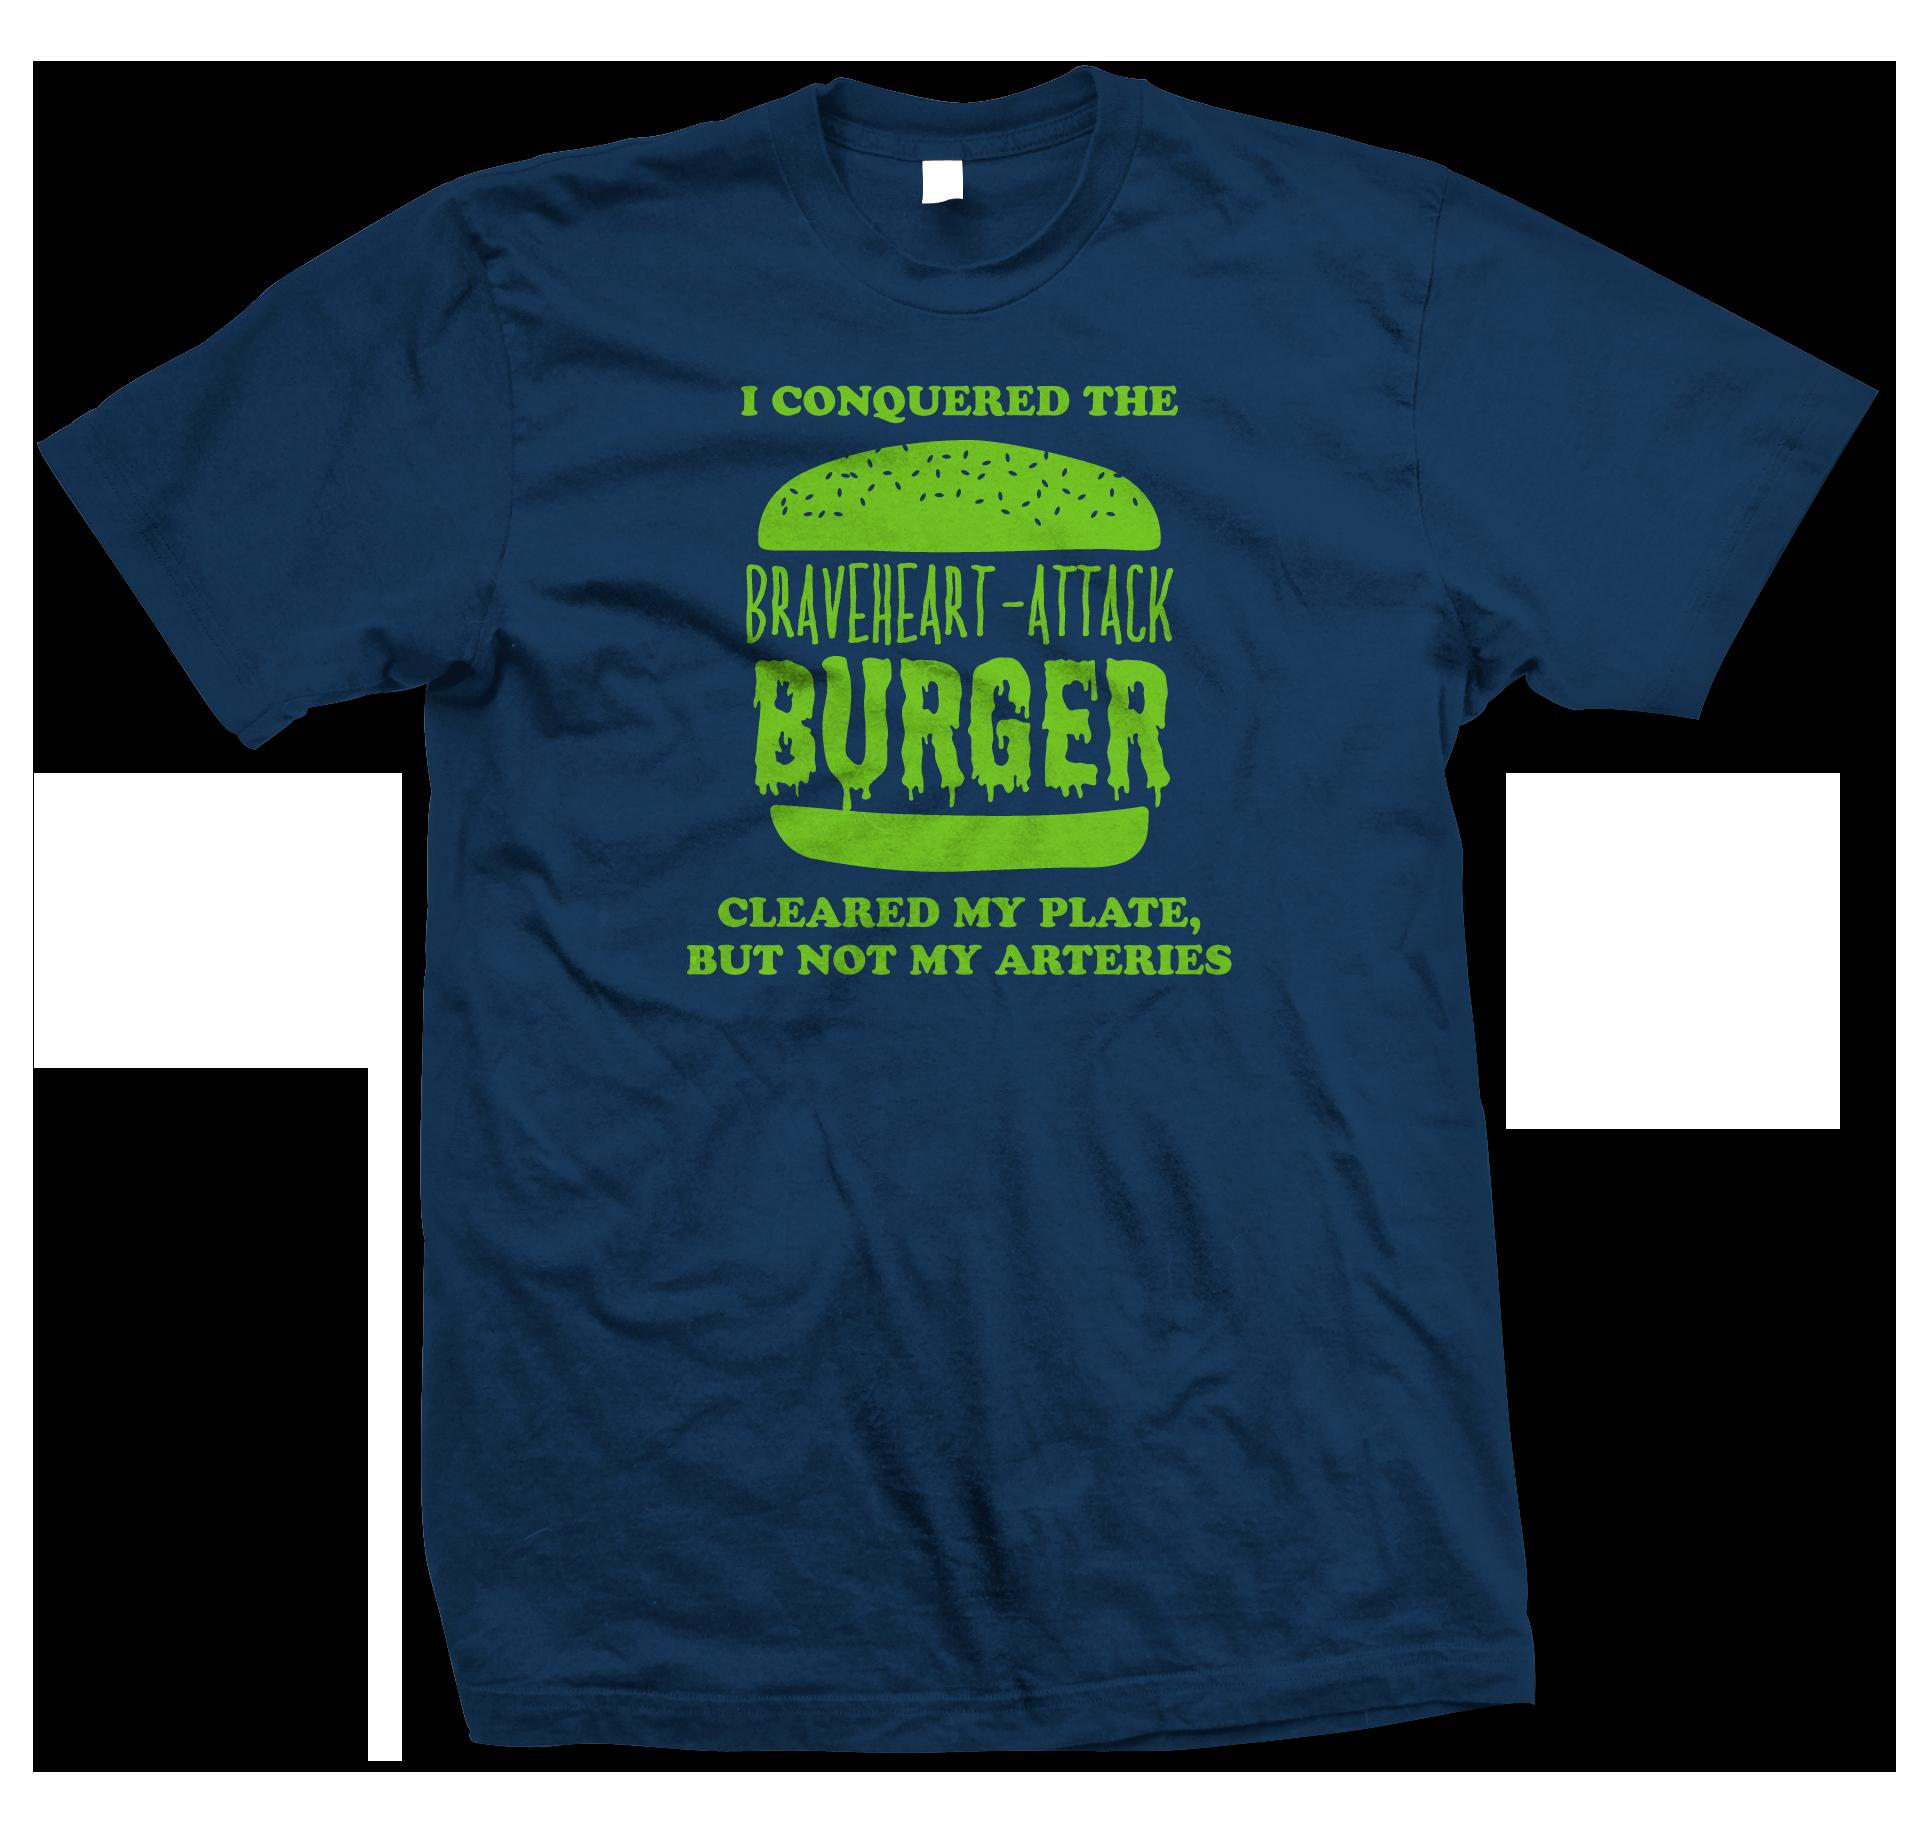 WB_Burger_01.png